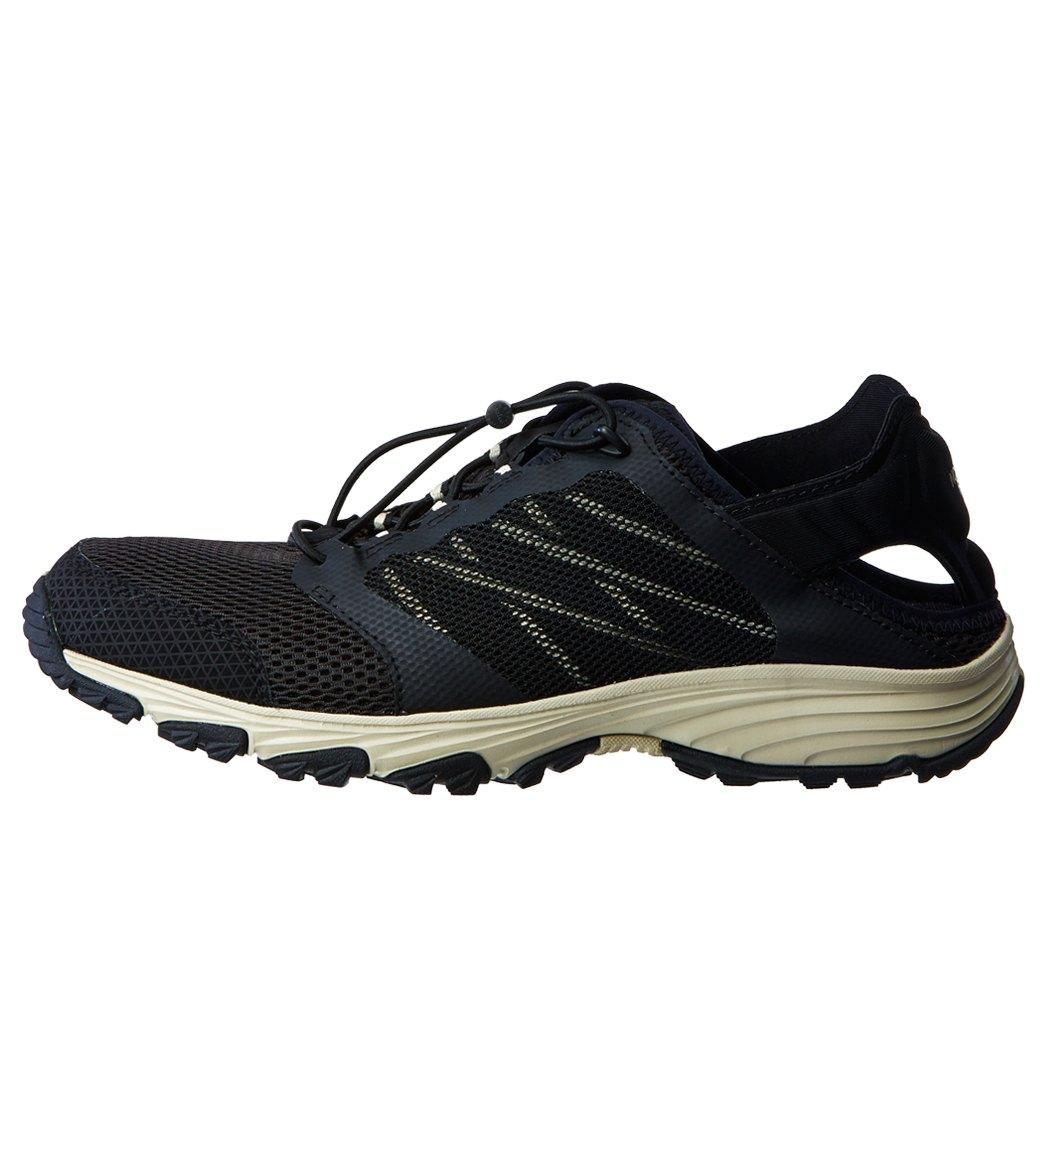 1b303a41e The North Face Men's Lightwave Amphibous II Water Shoe